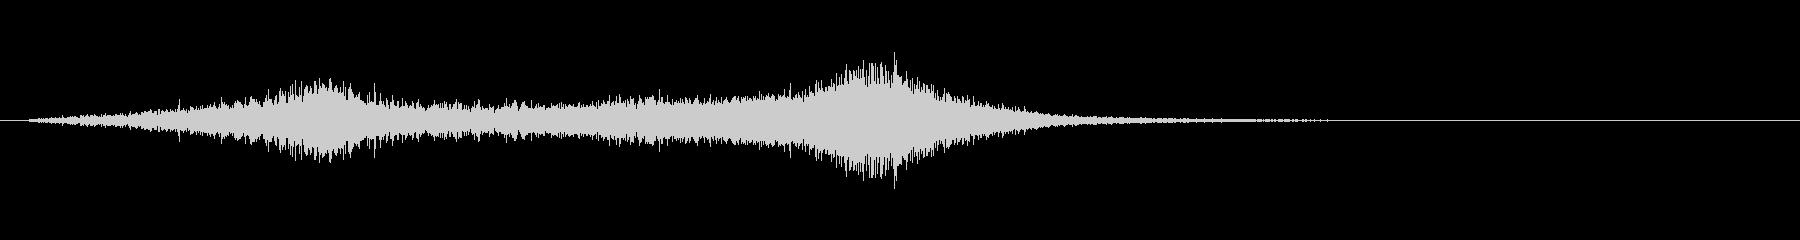 不安感を煽るバイオリン等のフレーズの未再生の波形